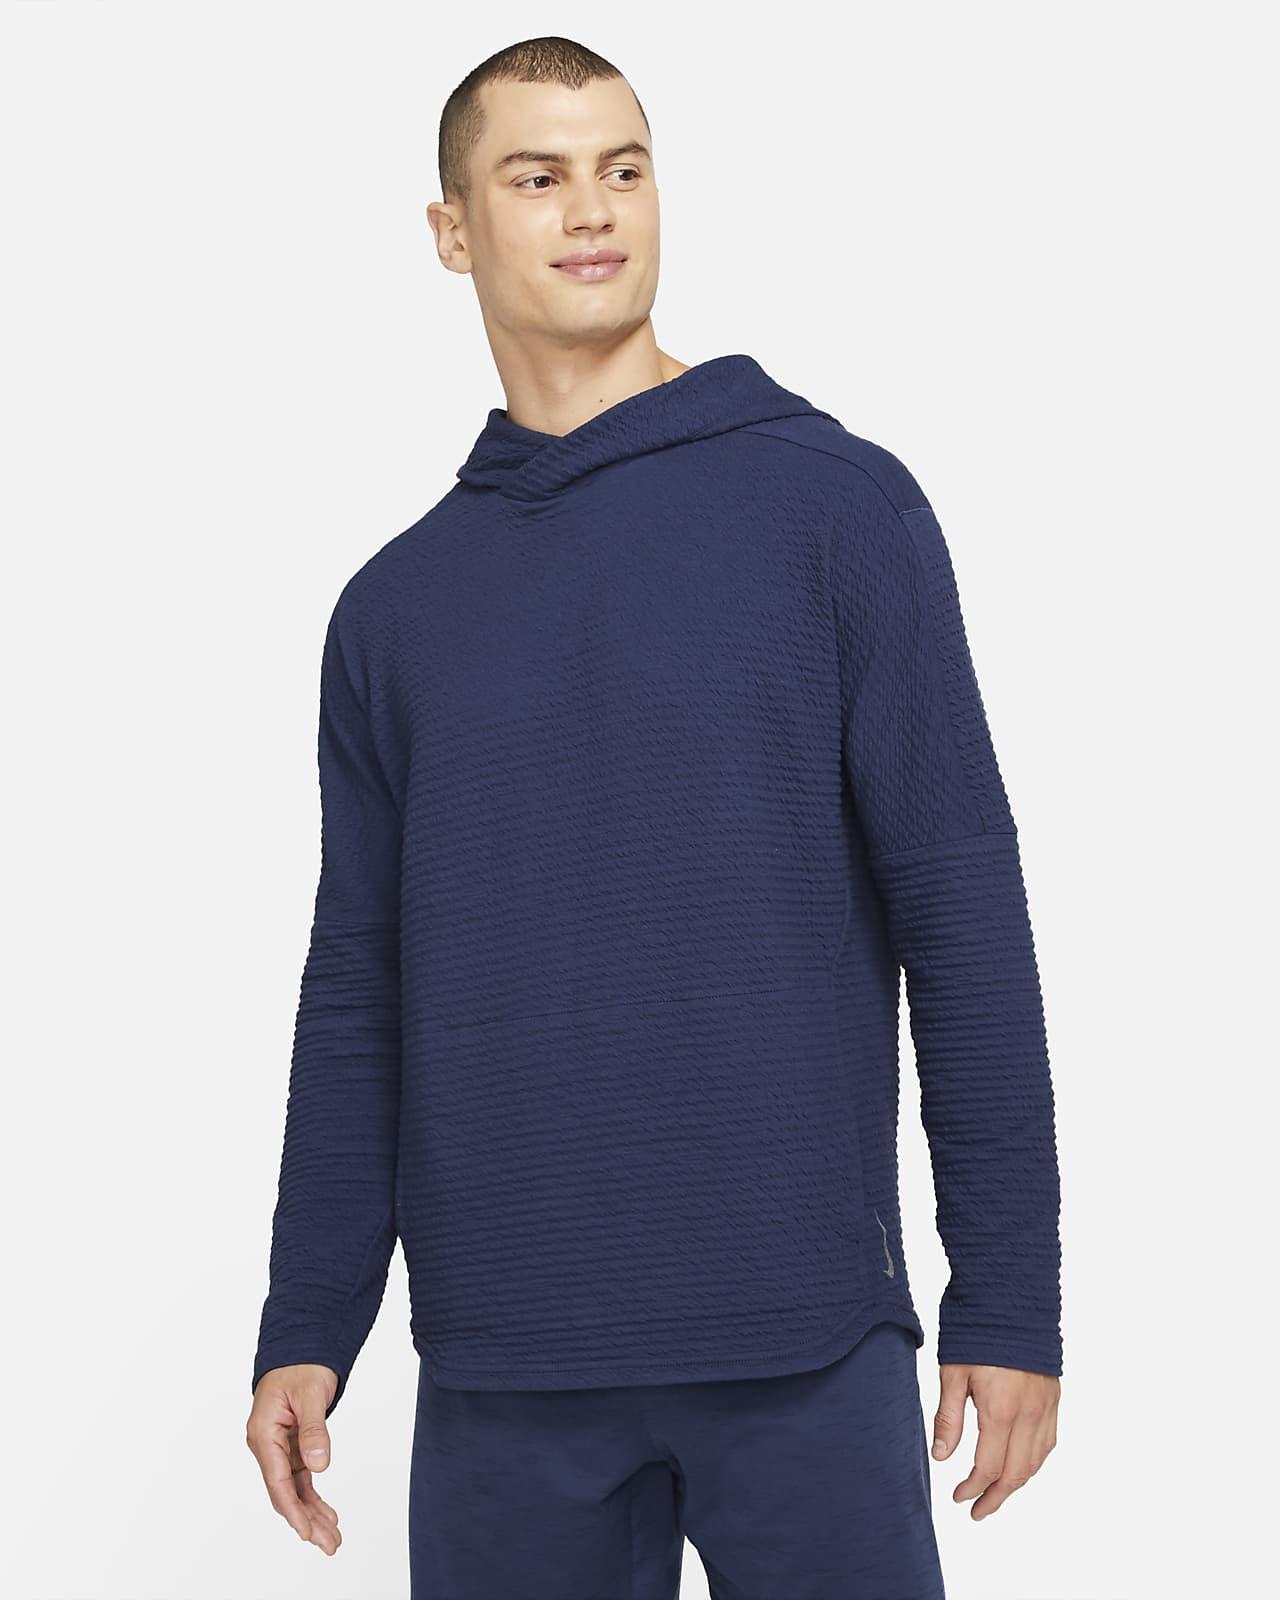 Sudadera con capucha sin cierre para hombre Nike Yoga Nomad